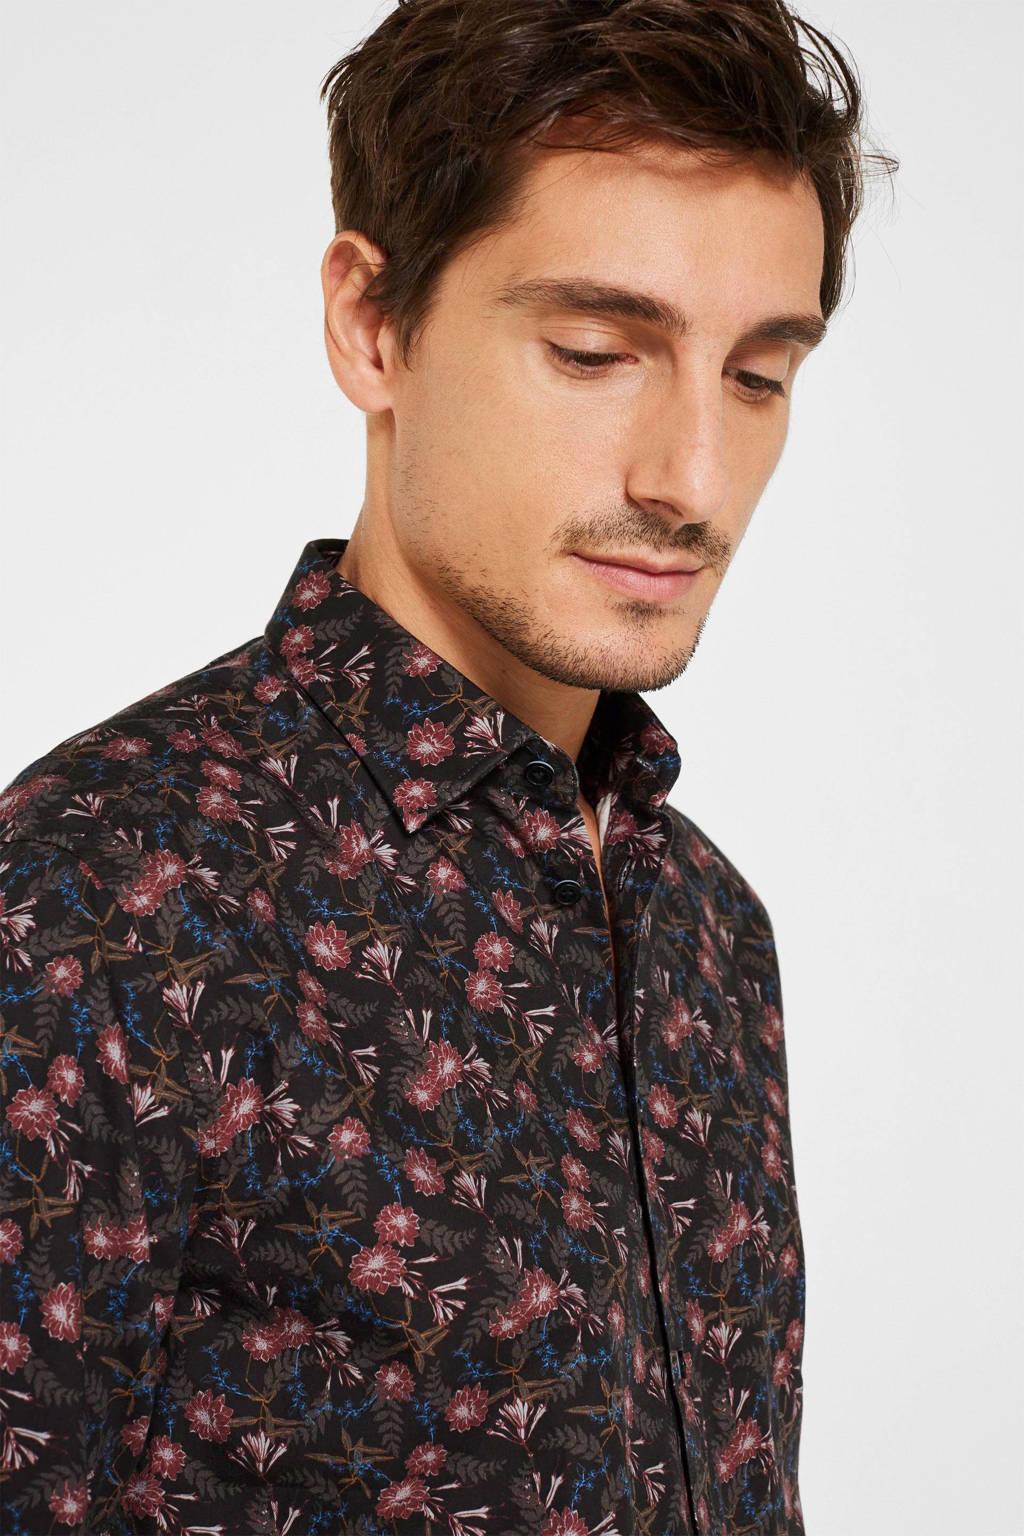 ESPRIT Men Casual regular fit overhemd met all over print zwart/rood/bruin, Zwart/rood/bruin